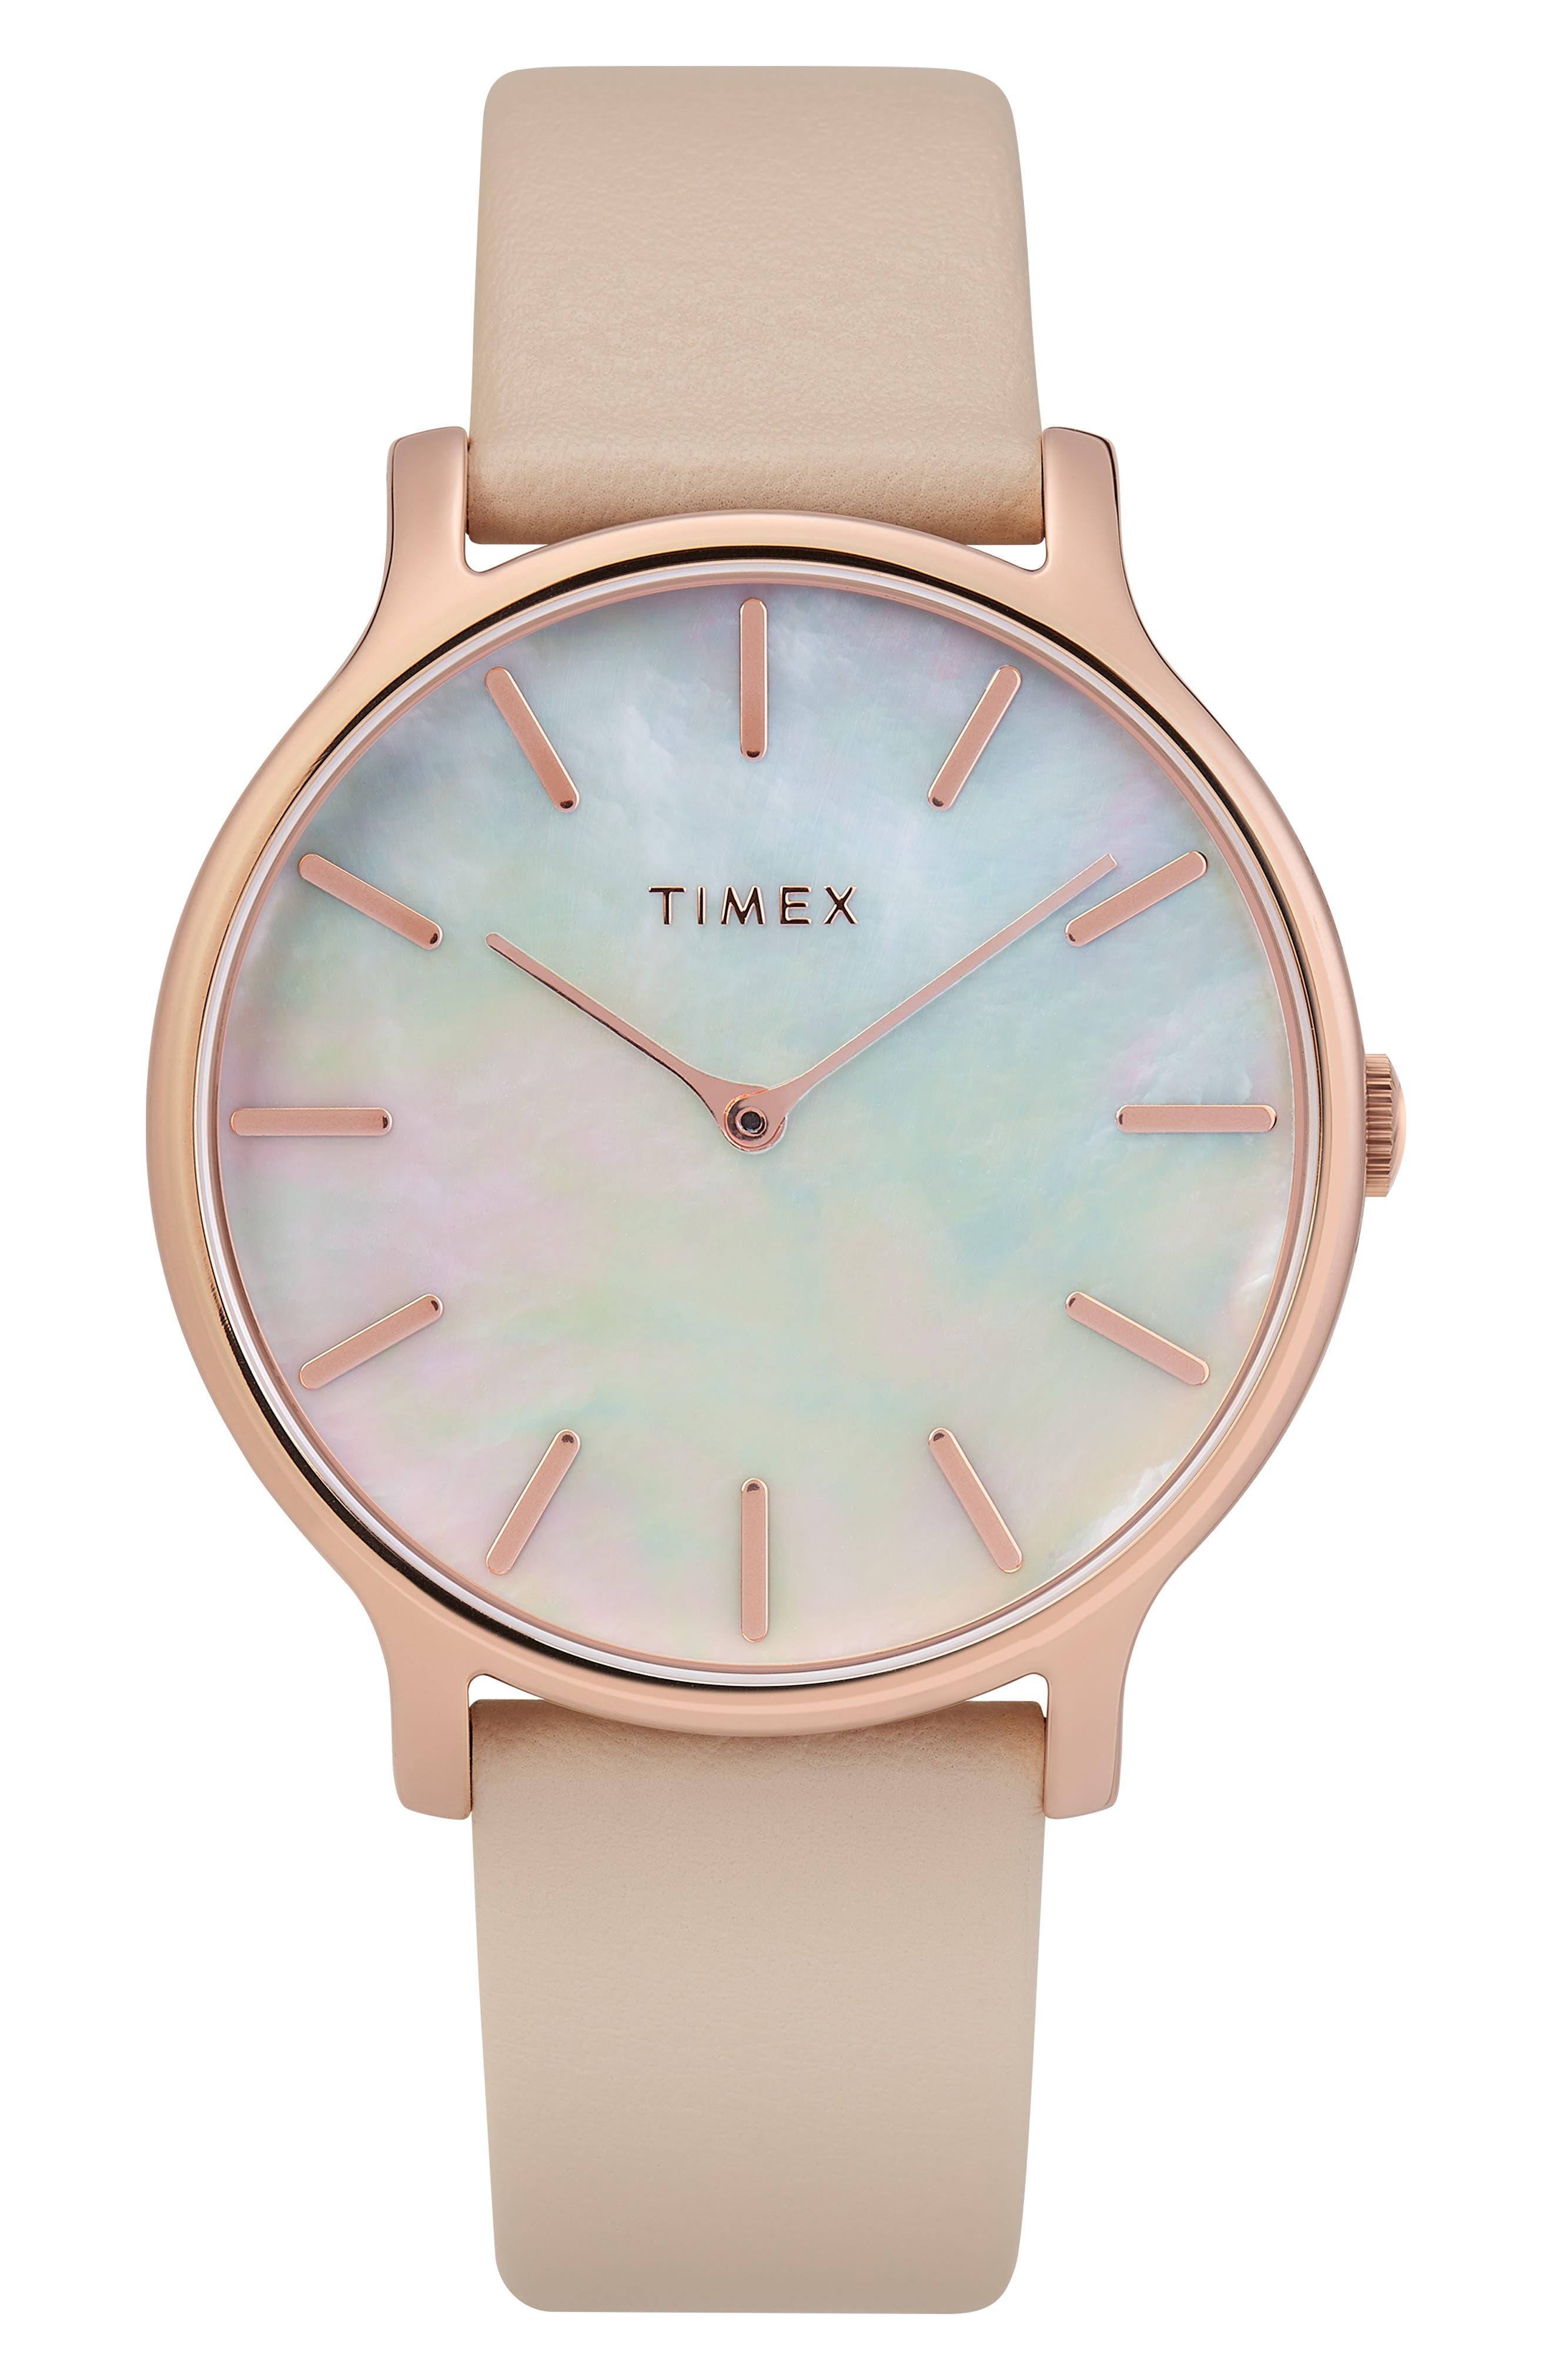 Timex Metropolitan Leather Strap Watch,